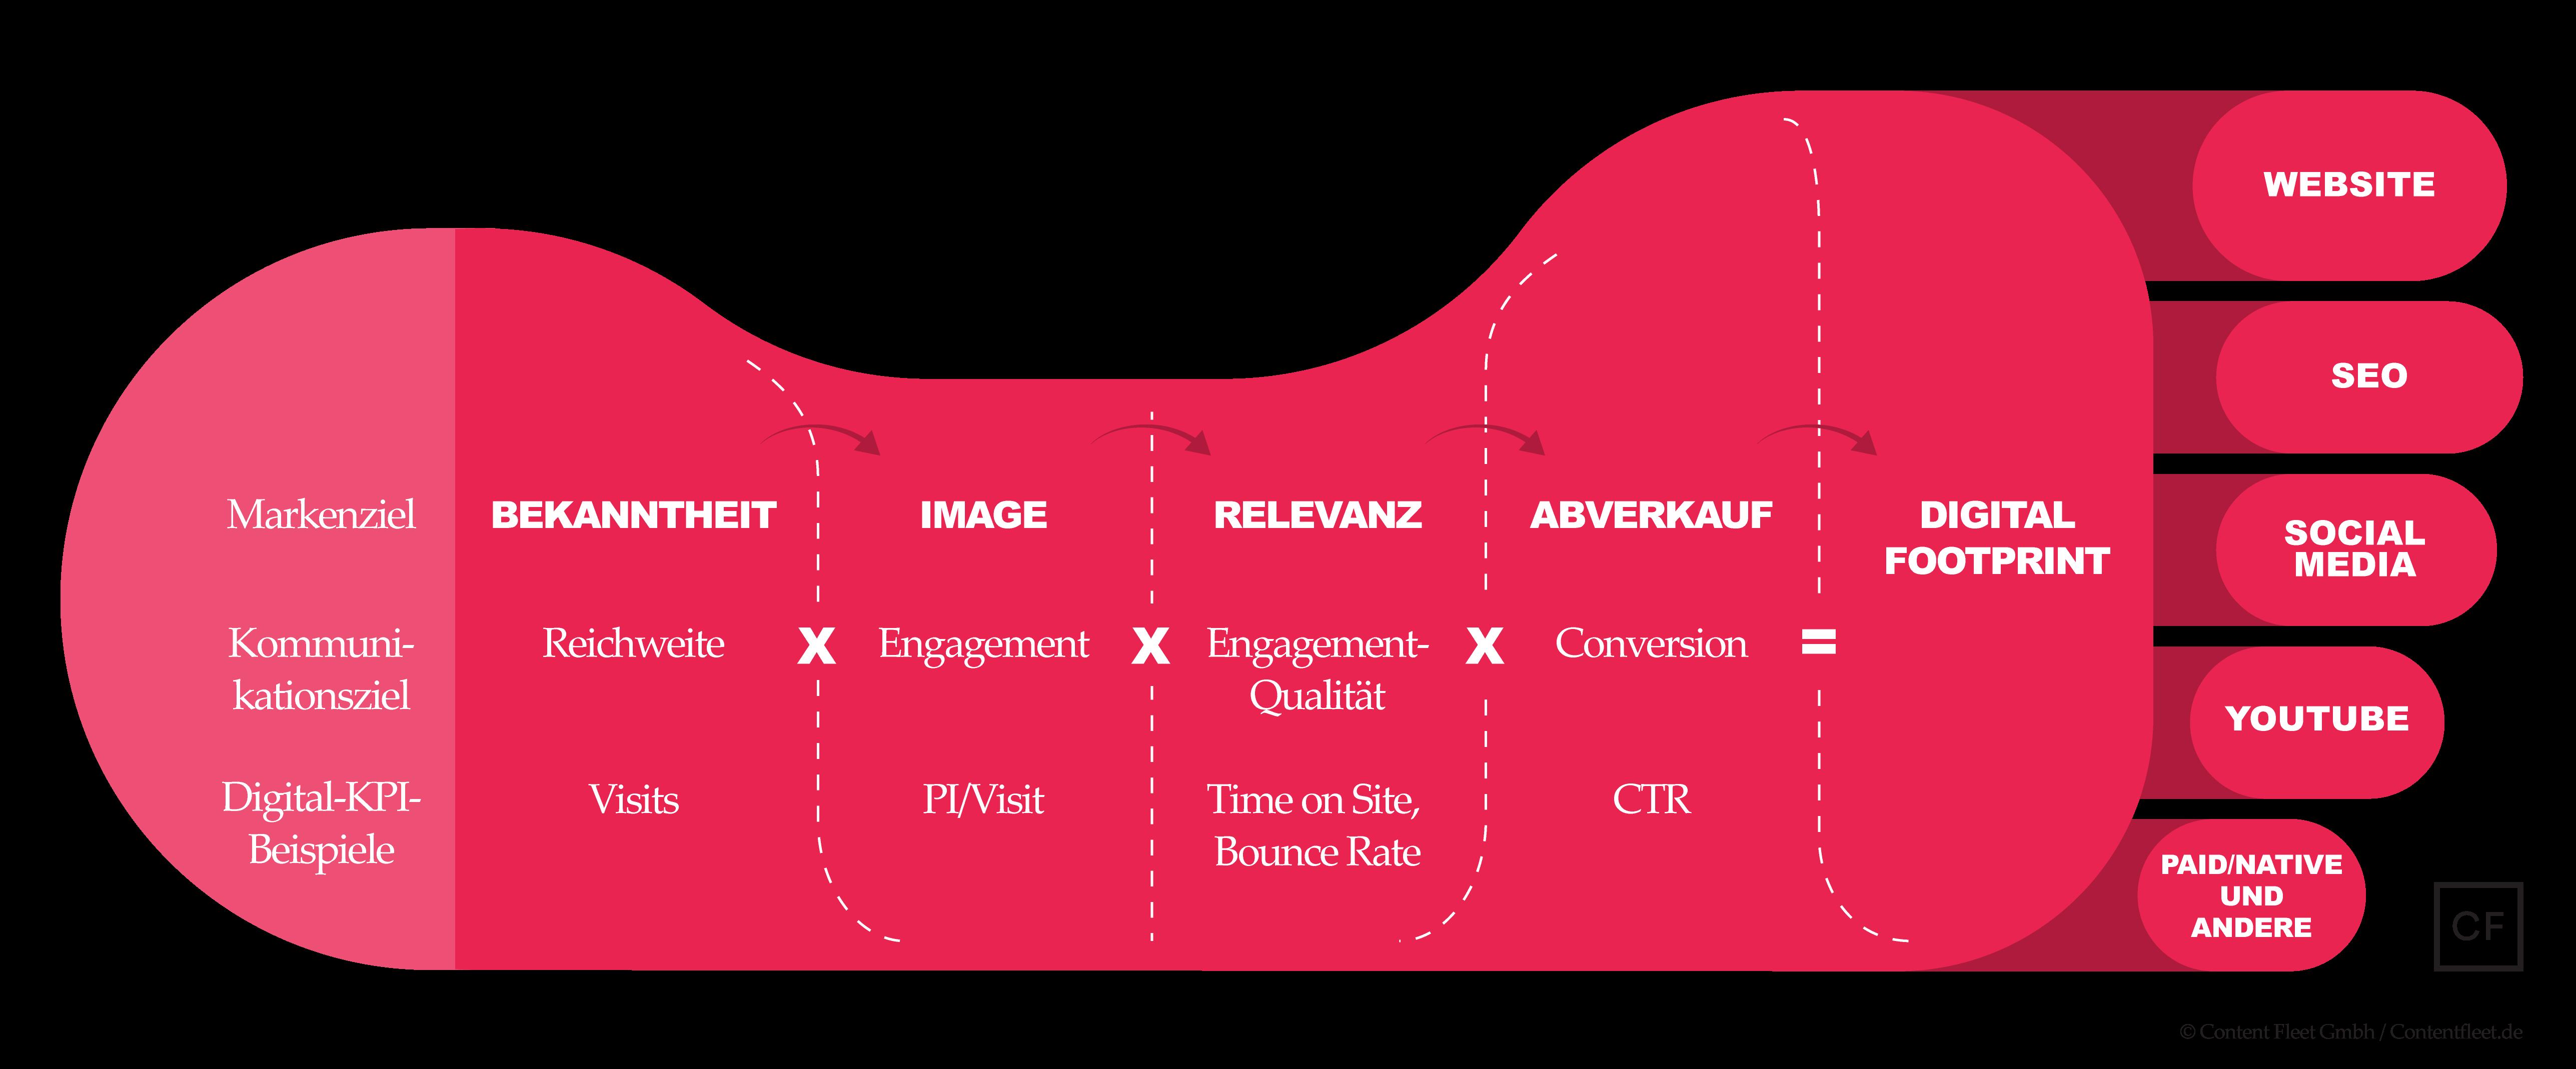 Belastbare Ergebnisse beim Content Marketing – von wegen, das geht ...